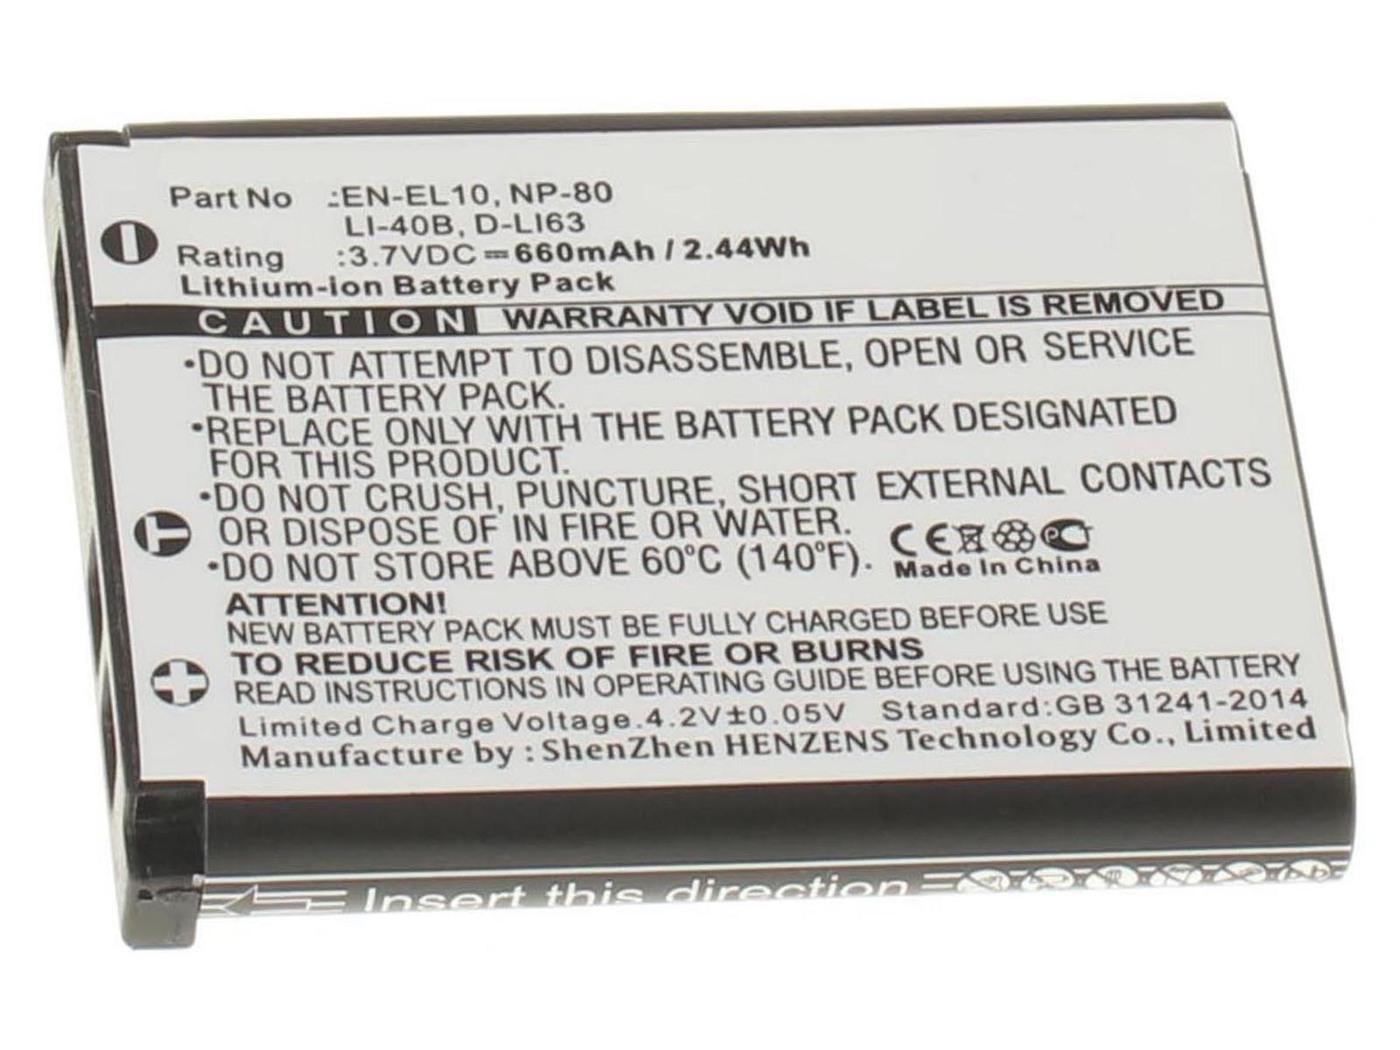 Аккумуляторная батарея iBatt iB-T30-F140 660mAh для камер Olympus FE-340, FE-240, VR-320, FE-280, VH-210, Tough TG-320, FE-350 Wide, FE-360, FE-290, FE-5020, FE-3010, Tough TG-310, FE-320, FE-4030, FE-5030, FE-330, FE-5010, FE-5035,